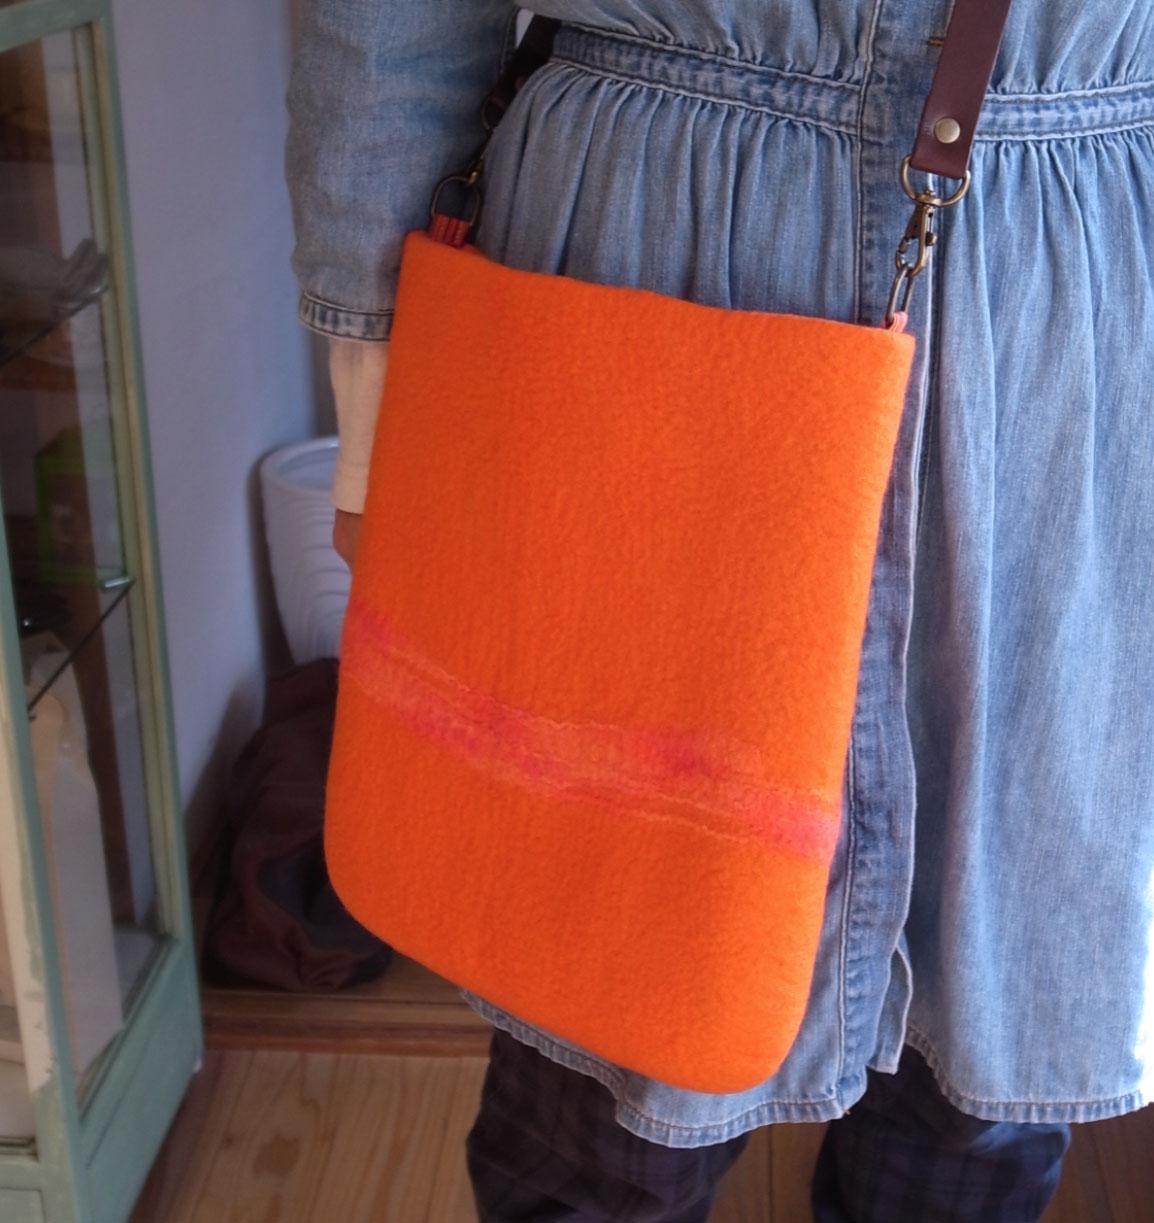 オレンジの肩かけバッグ